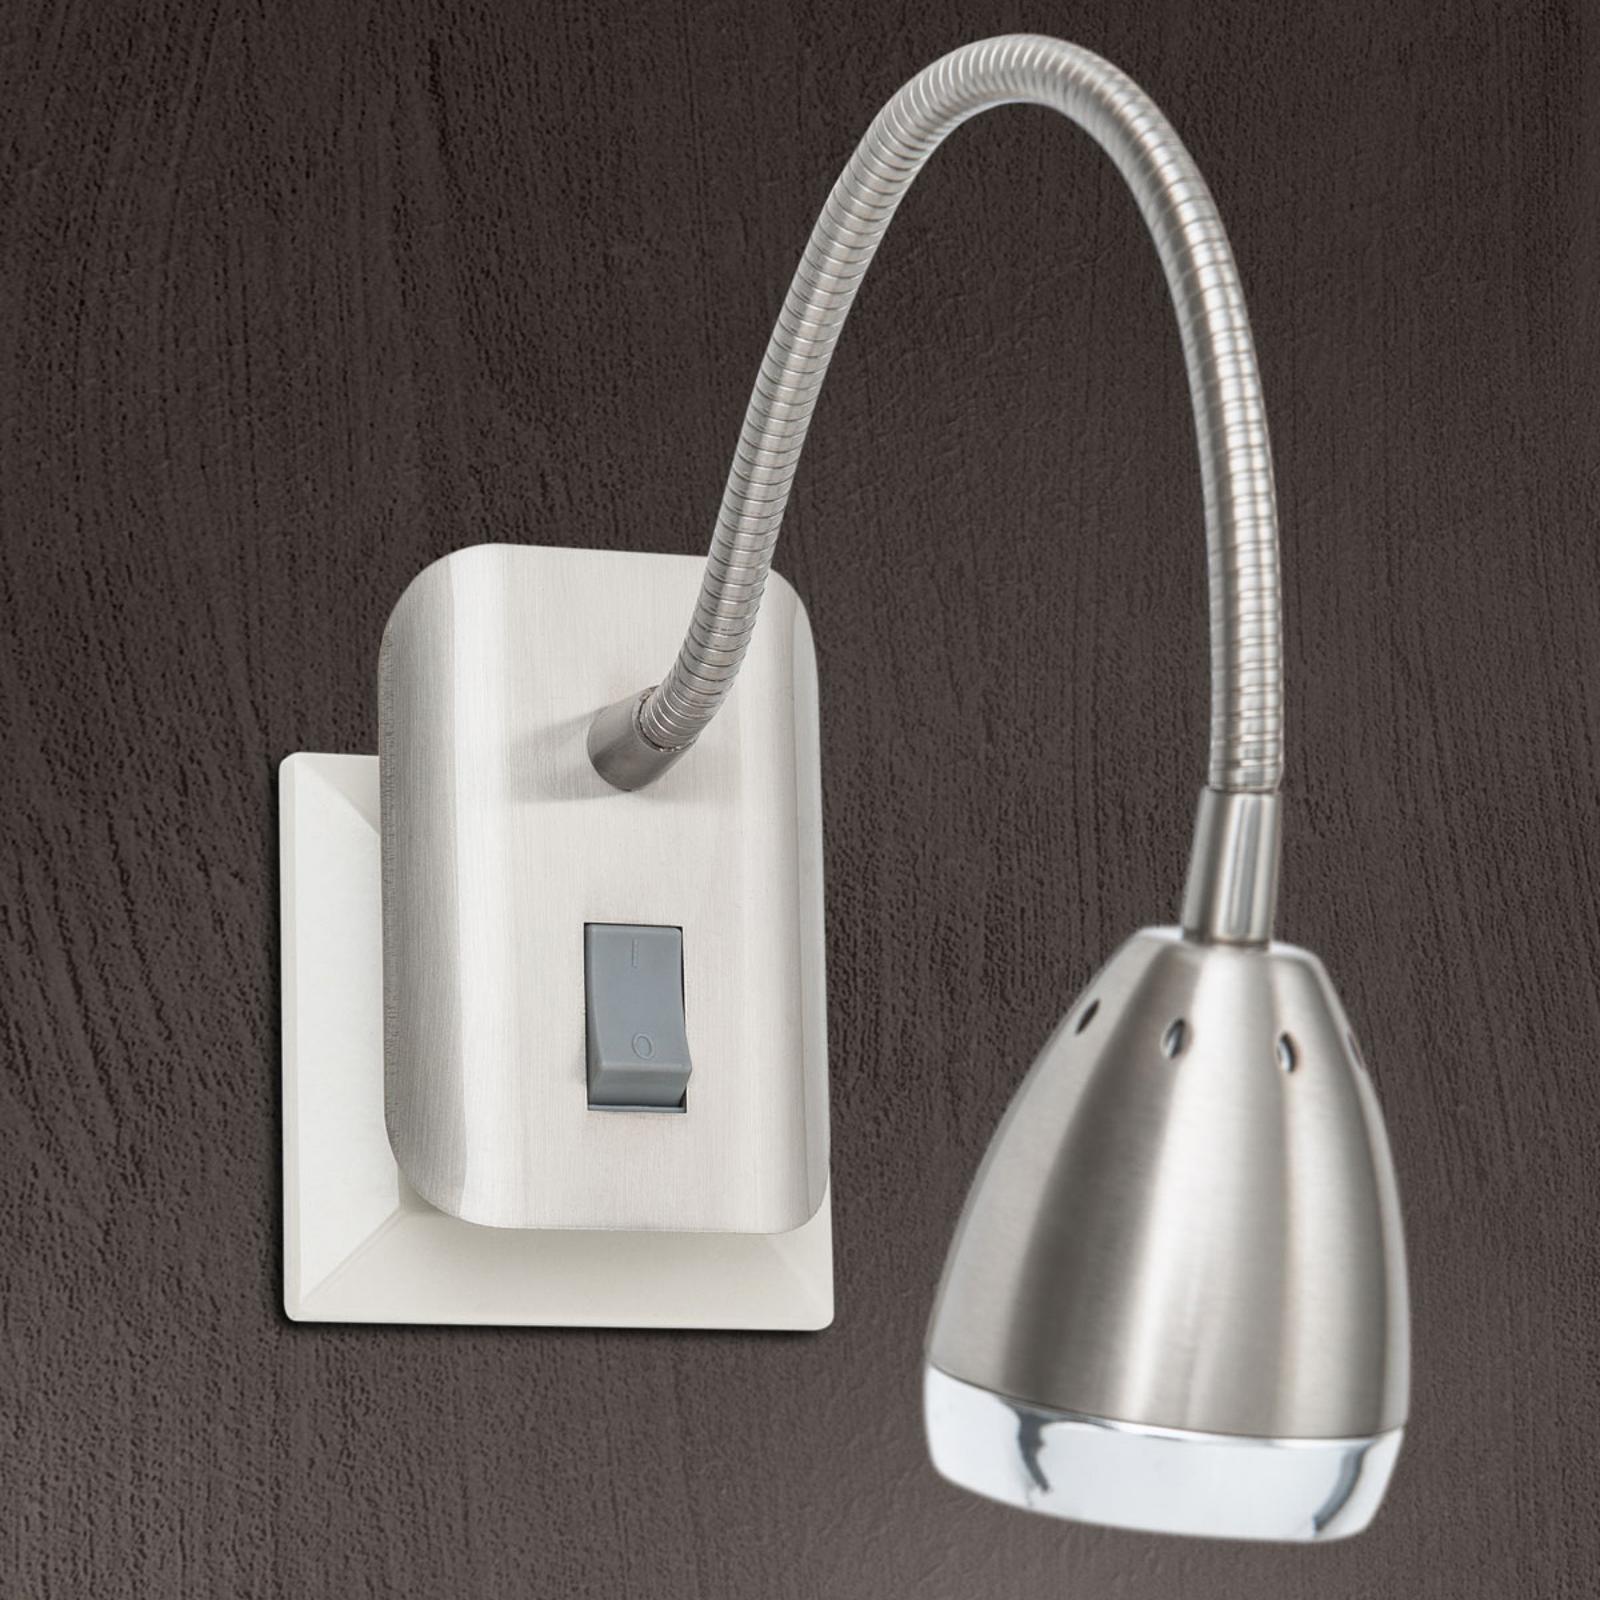 LED-Steckdosenleuchte Manvel mit Schalter, nickel